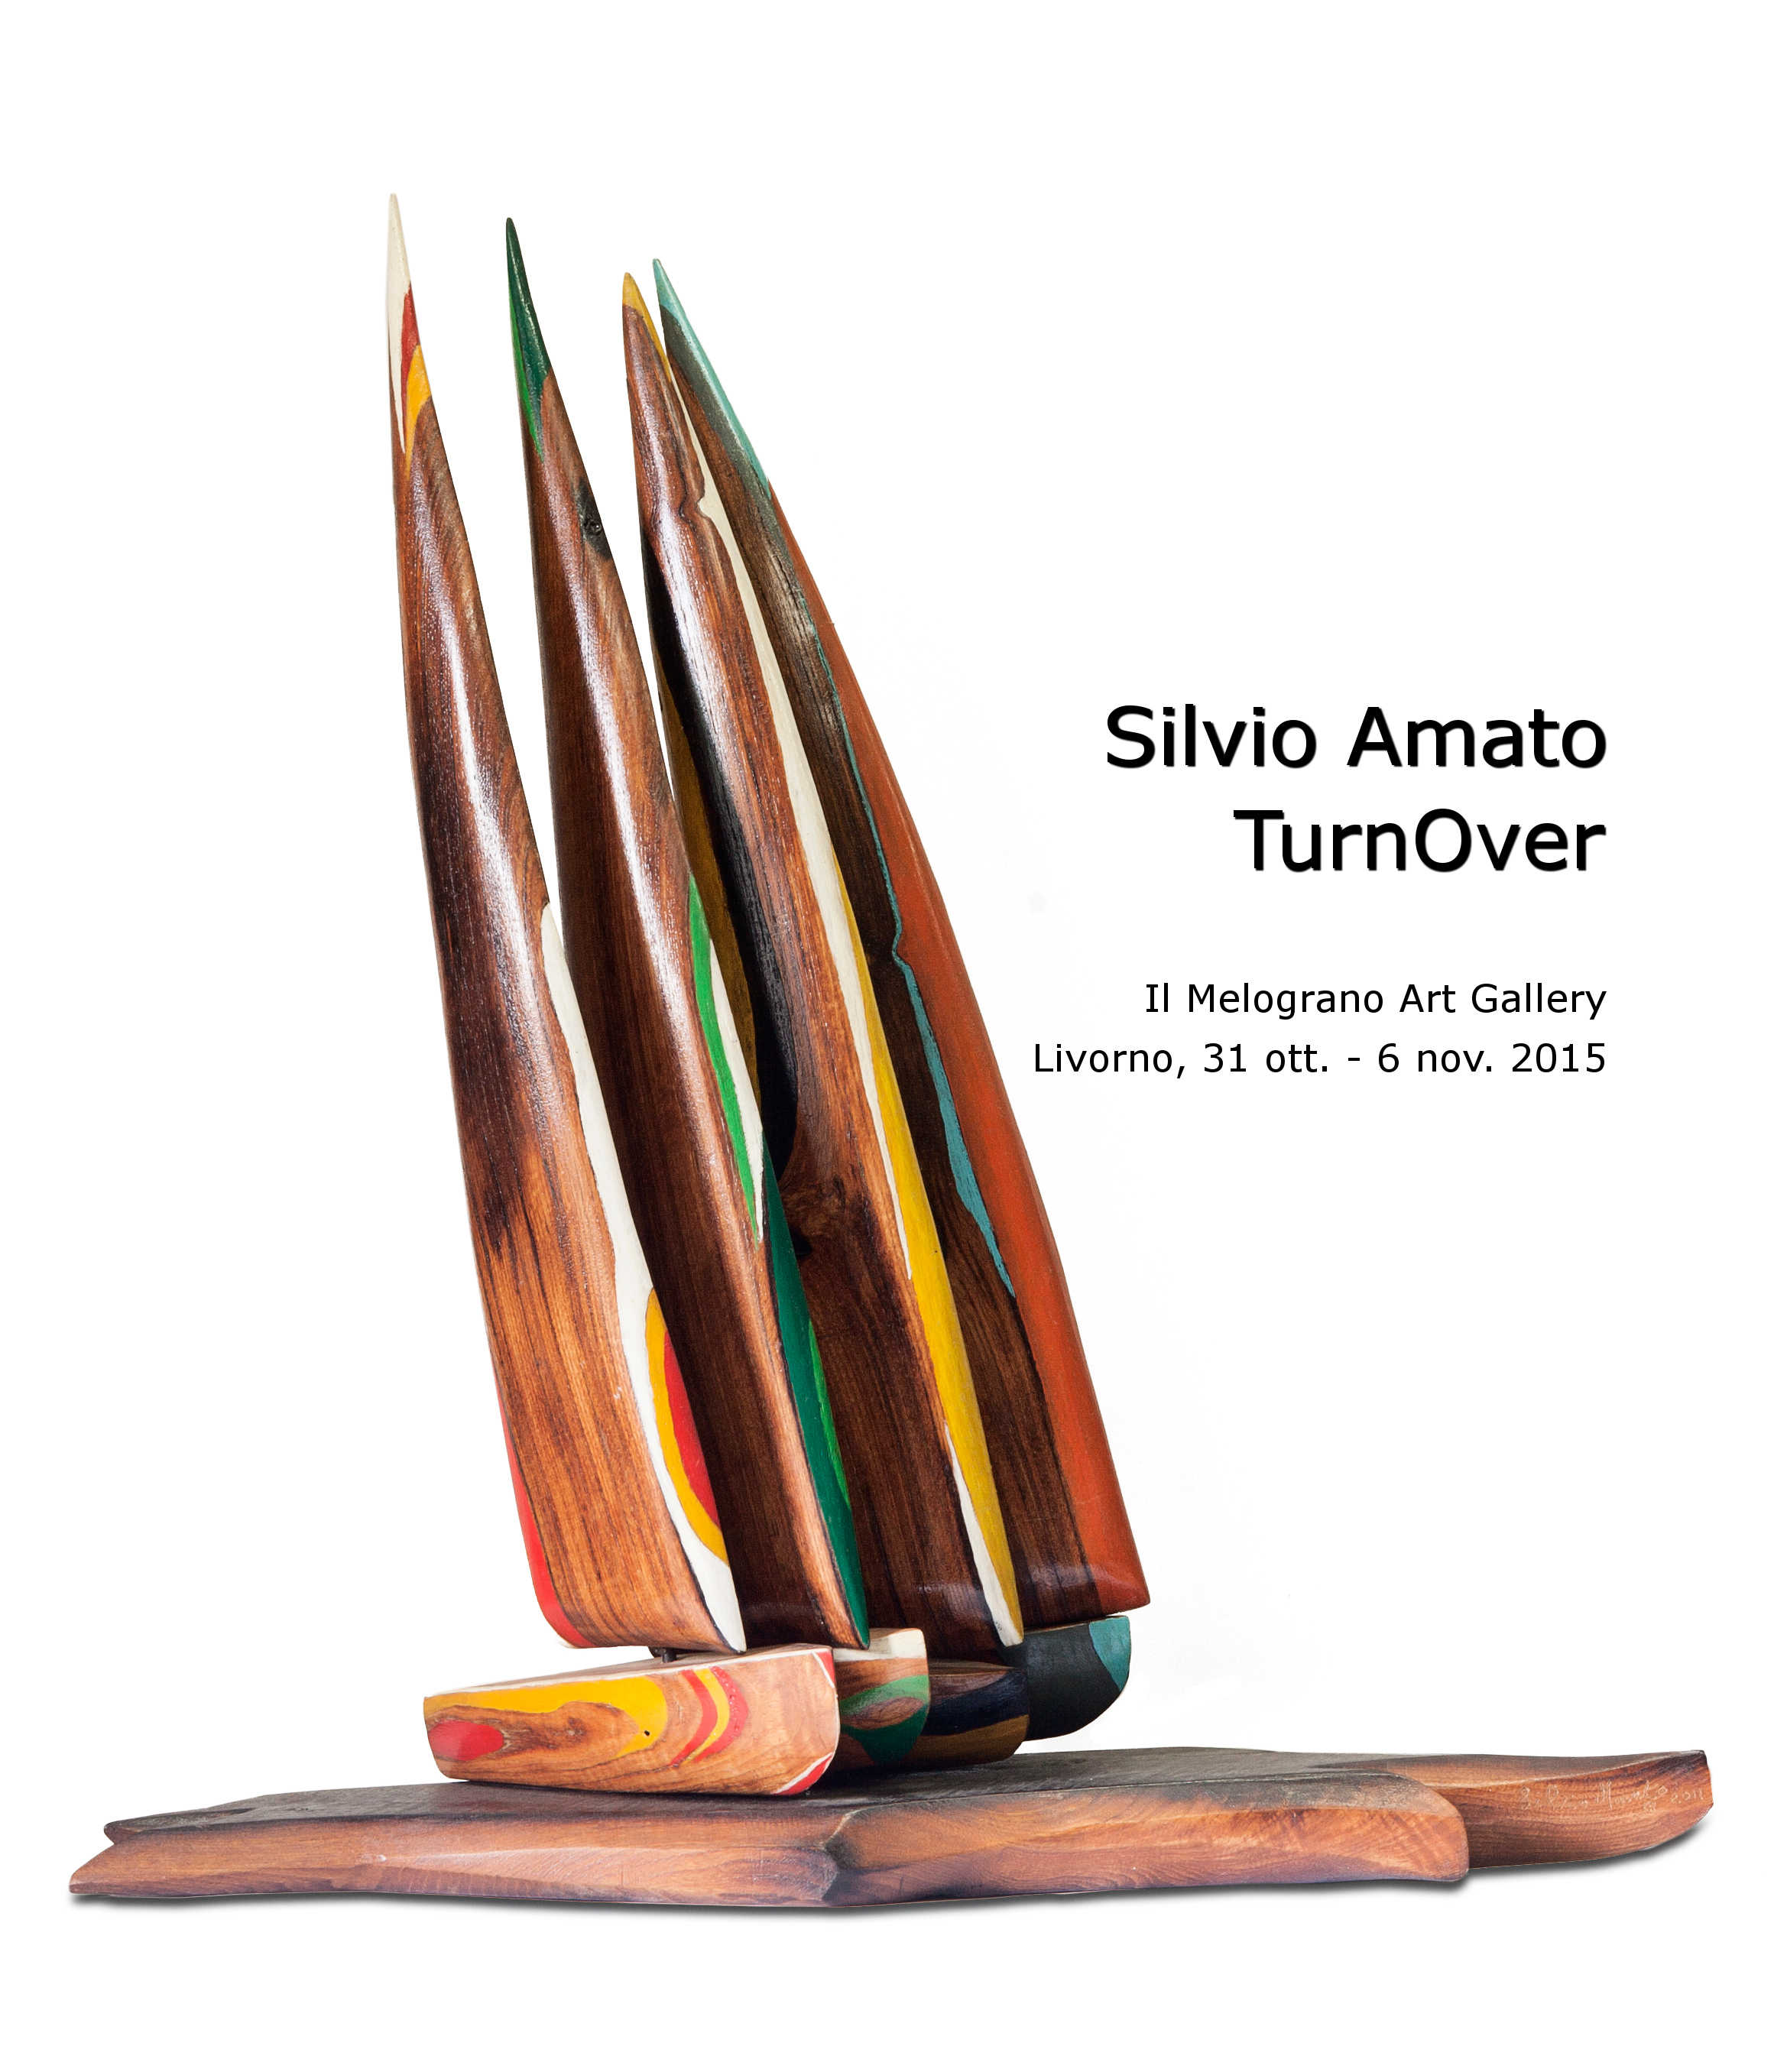 Silvio Amato Mostra Livorno Il Melograno Art Gallery